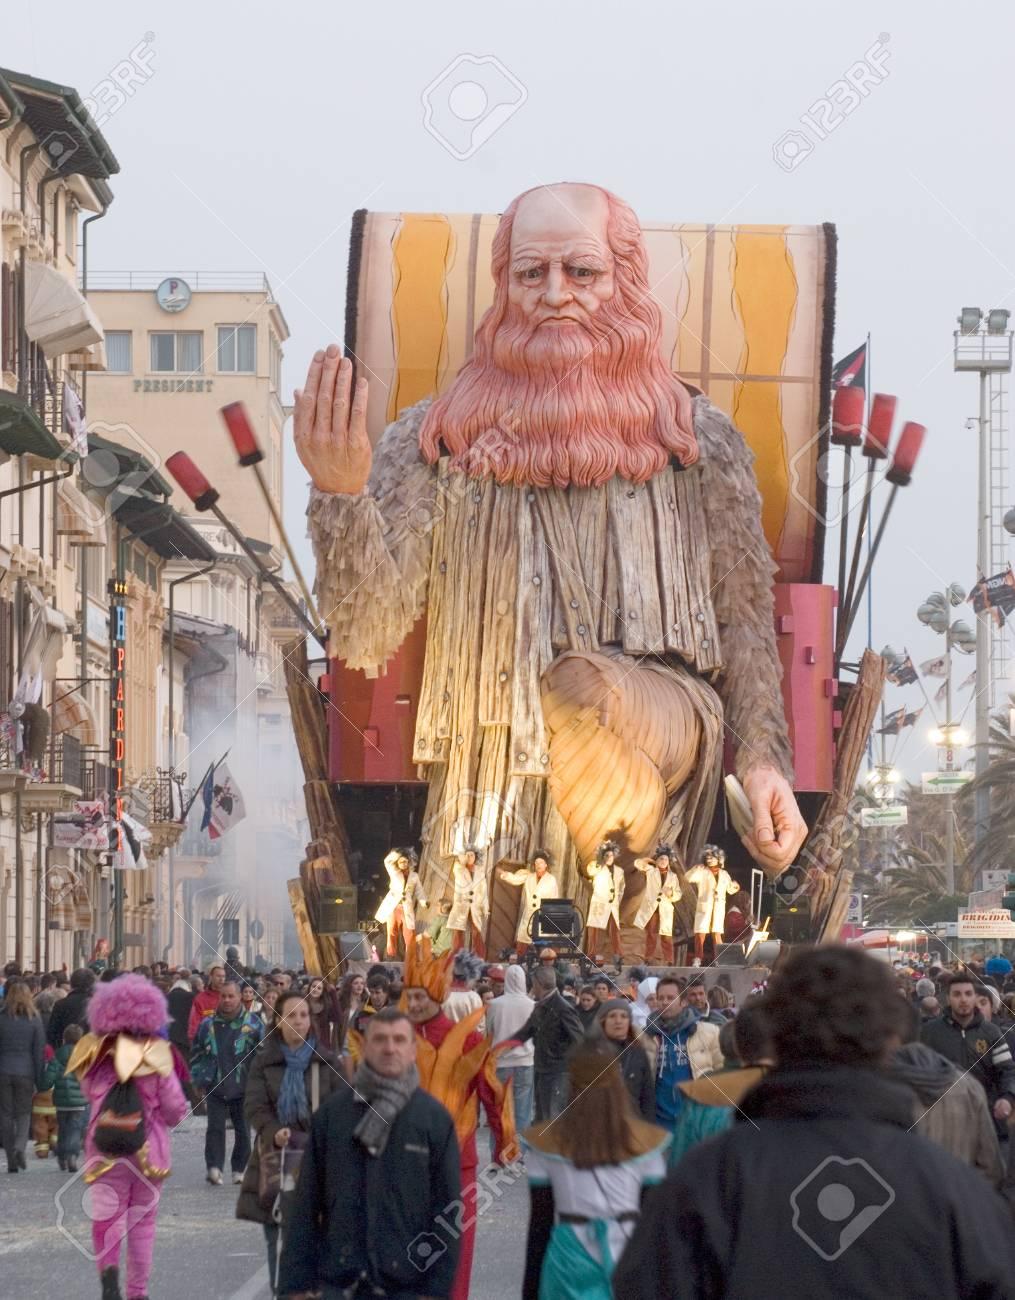 VIAREGGIO, ITALY - MARCH 4  One of the carnival floats in the famous carnival of Viareggio, on March 4, 2012, in Viareggio, Italy   Stock Photo - 13096451